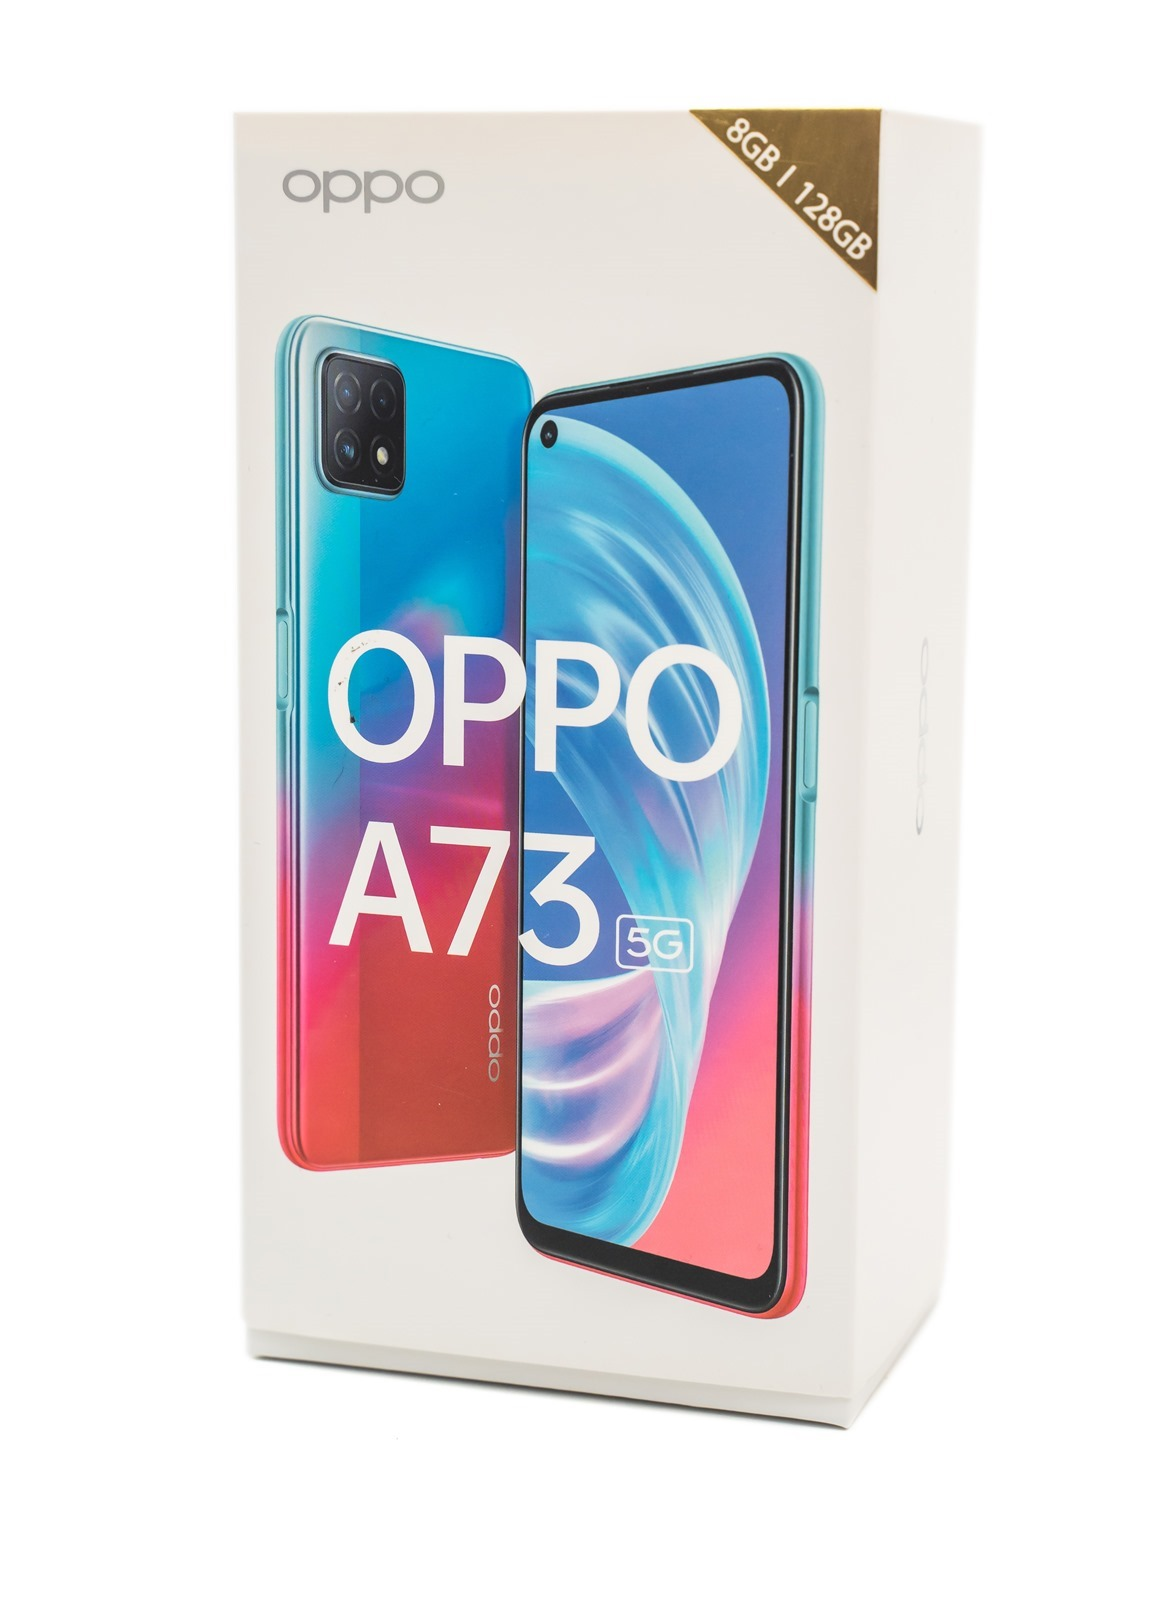 不到萬元 A 系列 5G 手機輕鬆入手表現如何?!OPPO A73 5G 性能電力速報 @3C 達人廖阿輝